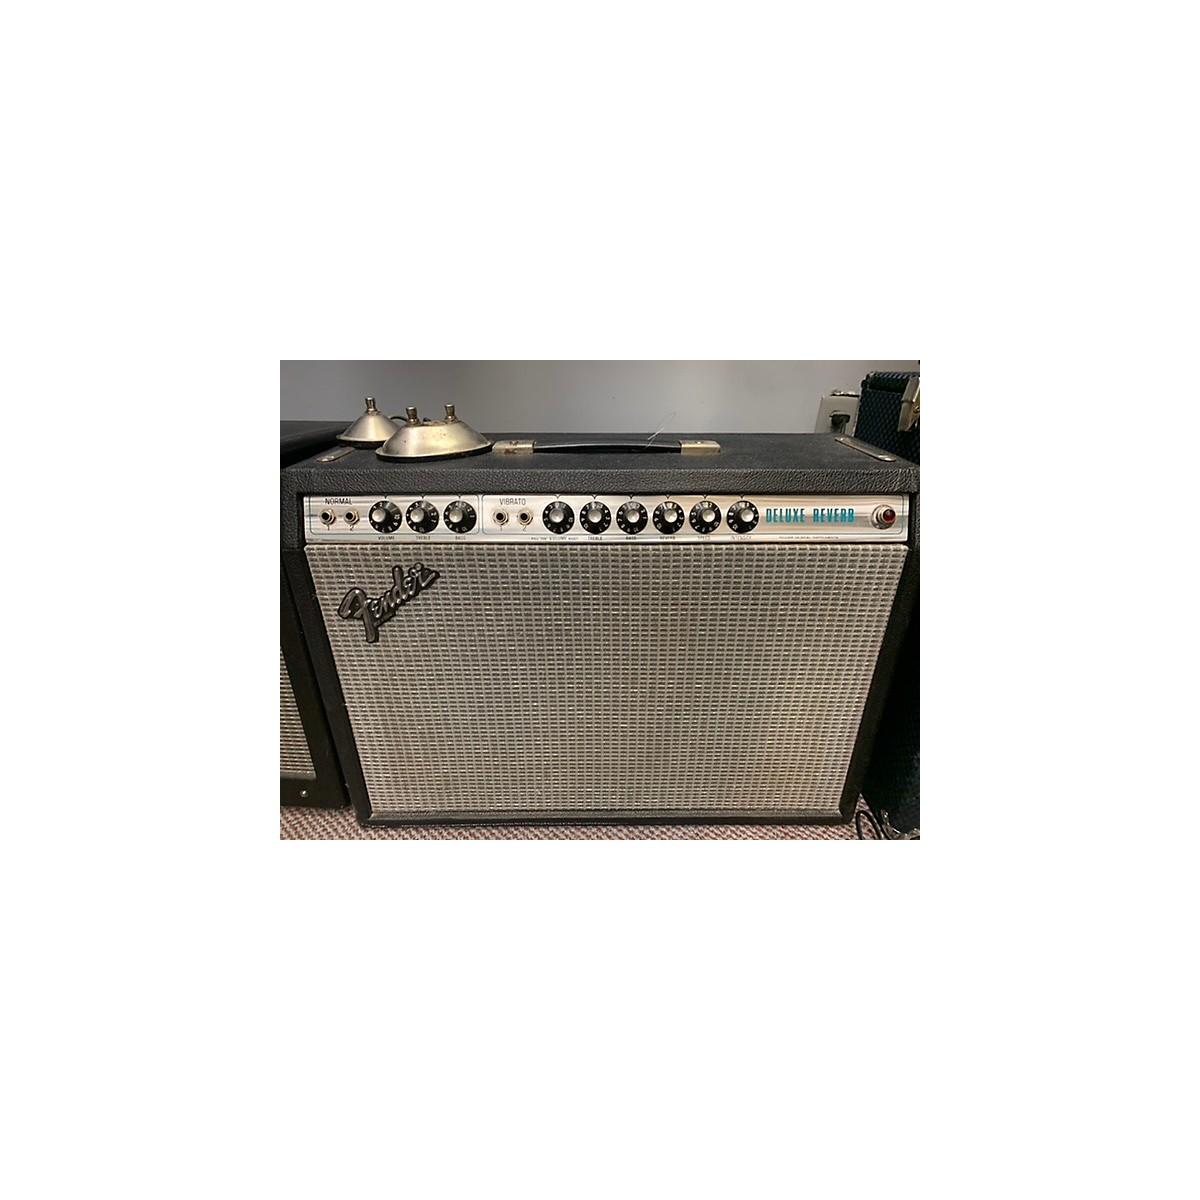 Fender 1970s Deluxe Reverb 22W 1x12 Tube Guitar Combo Amp